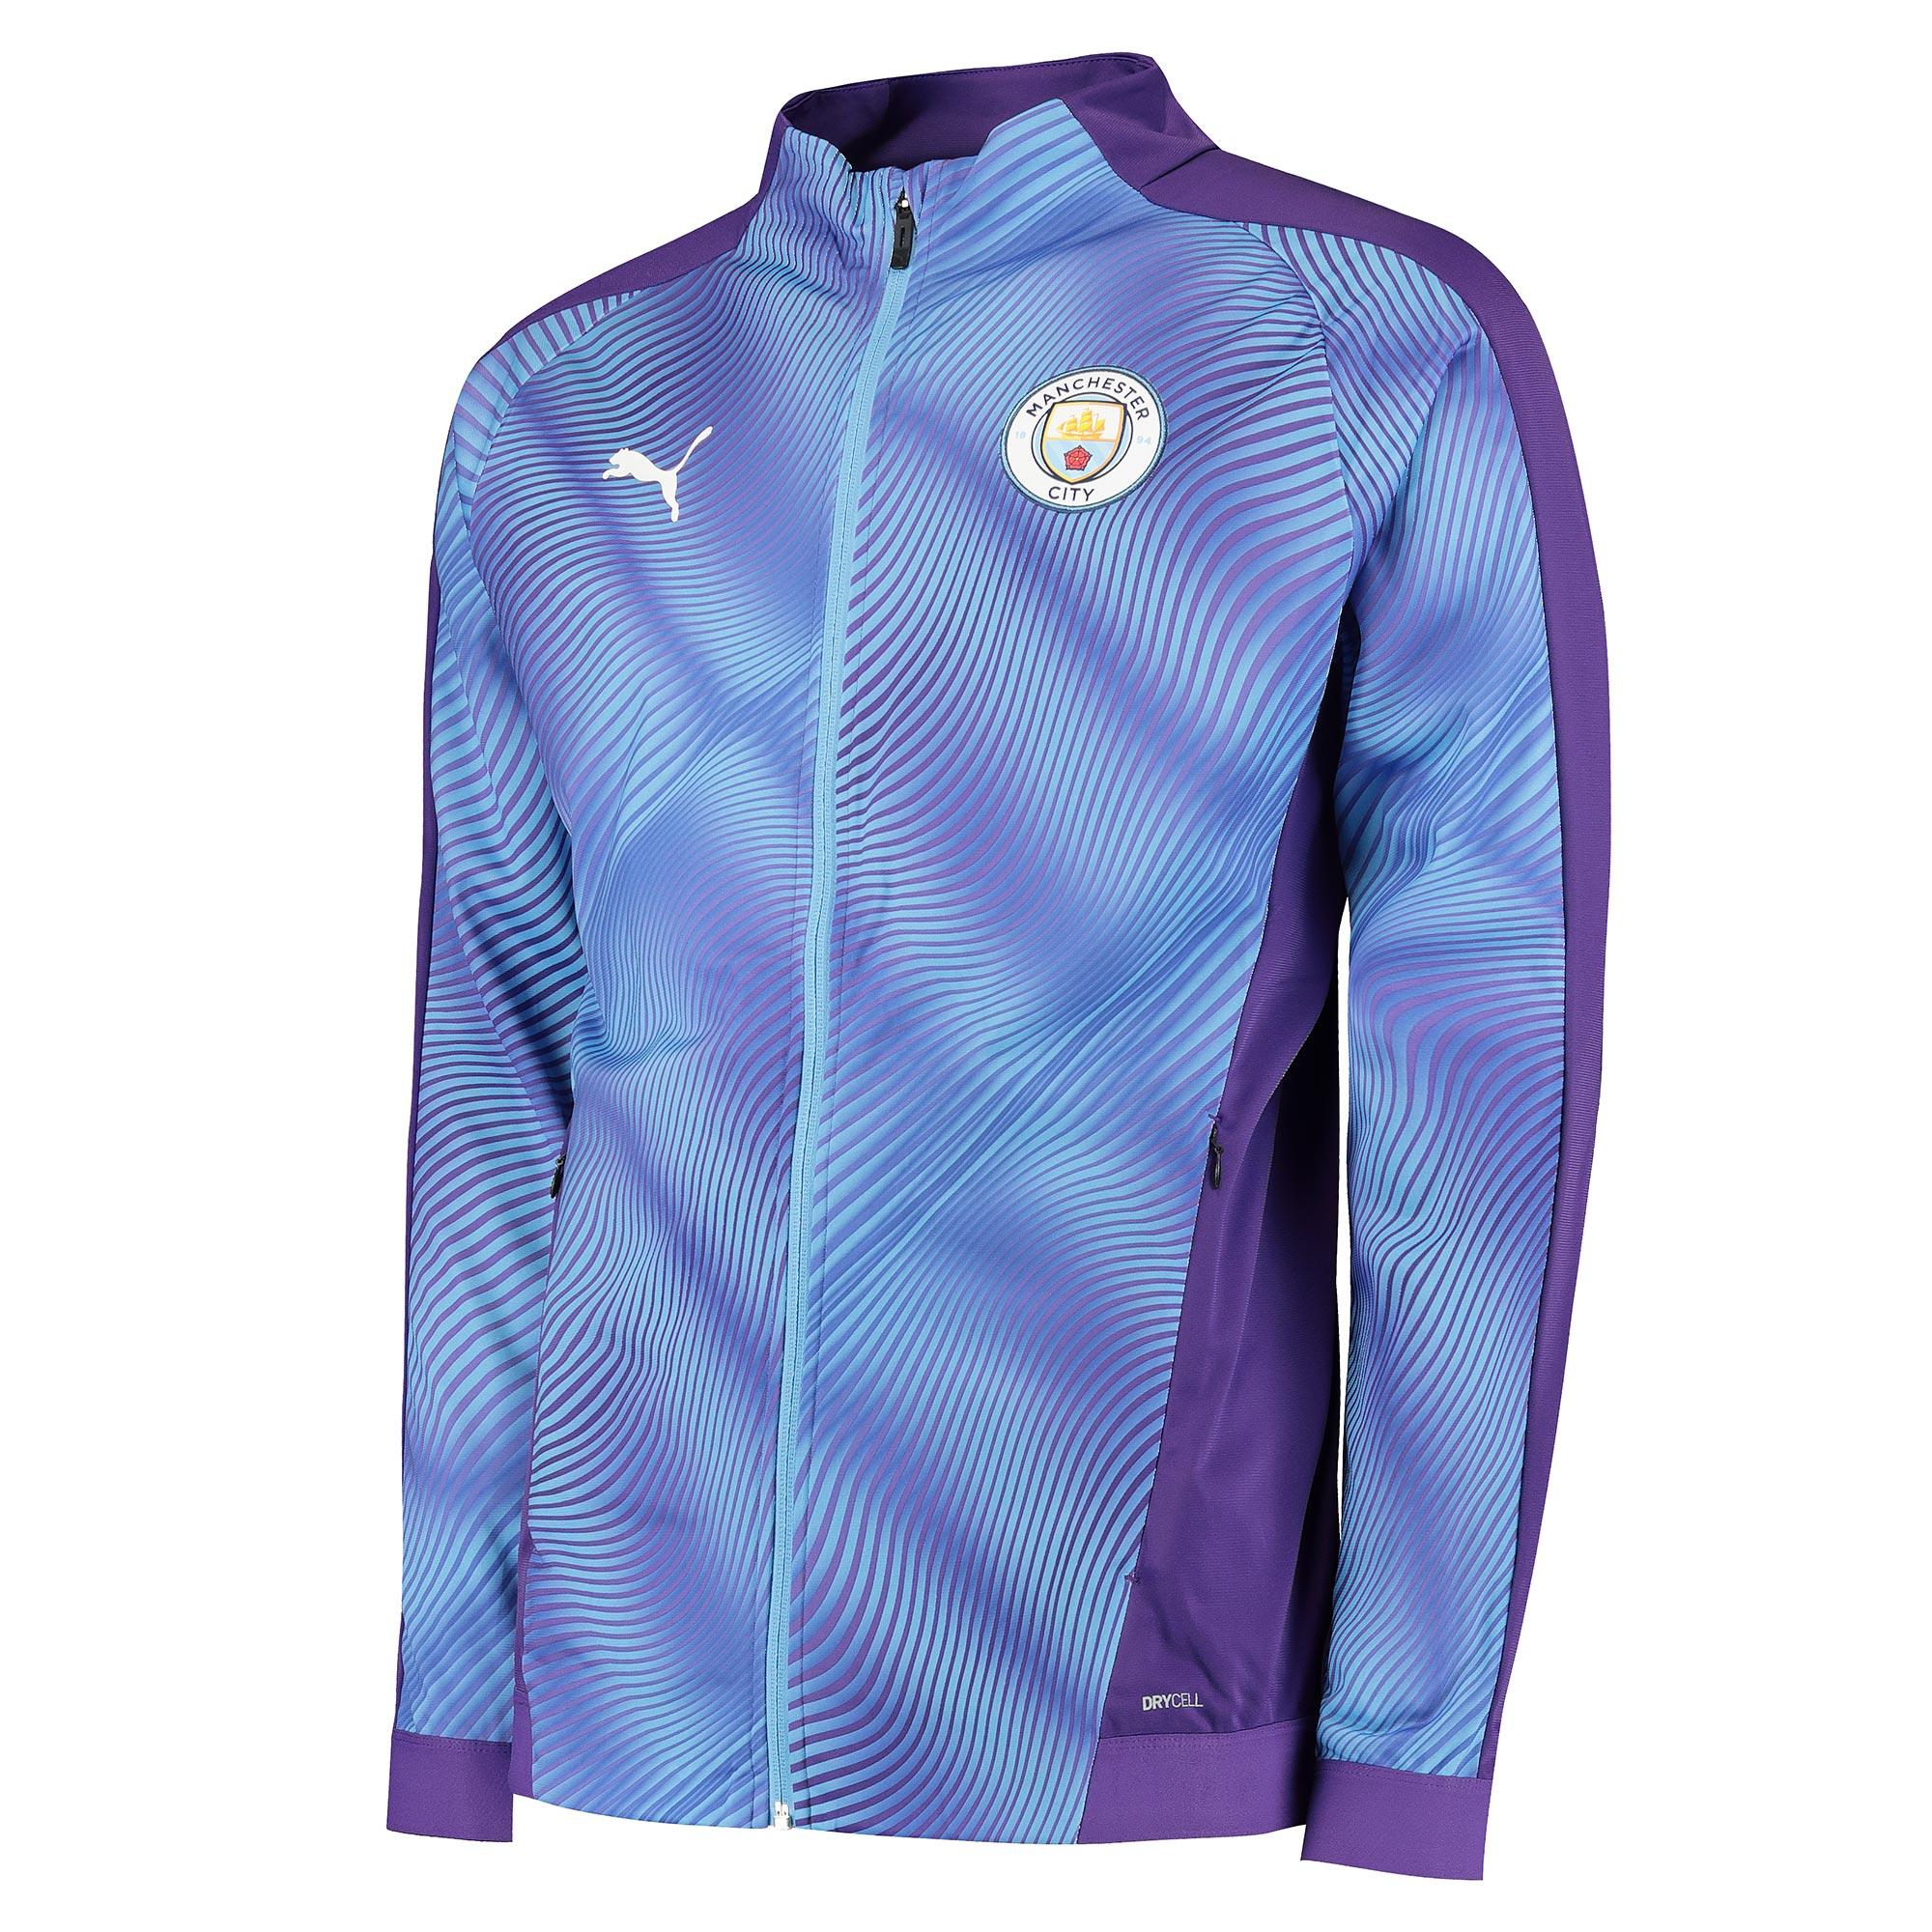 Puma / Chaqueta con el estadio del Manchester City - púrpura